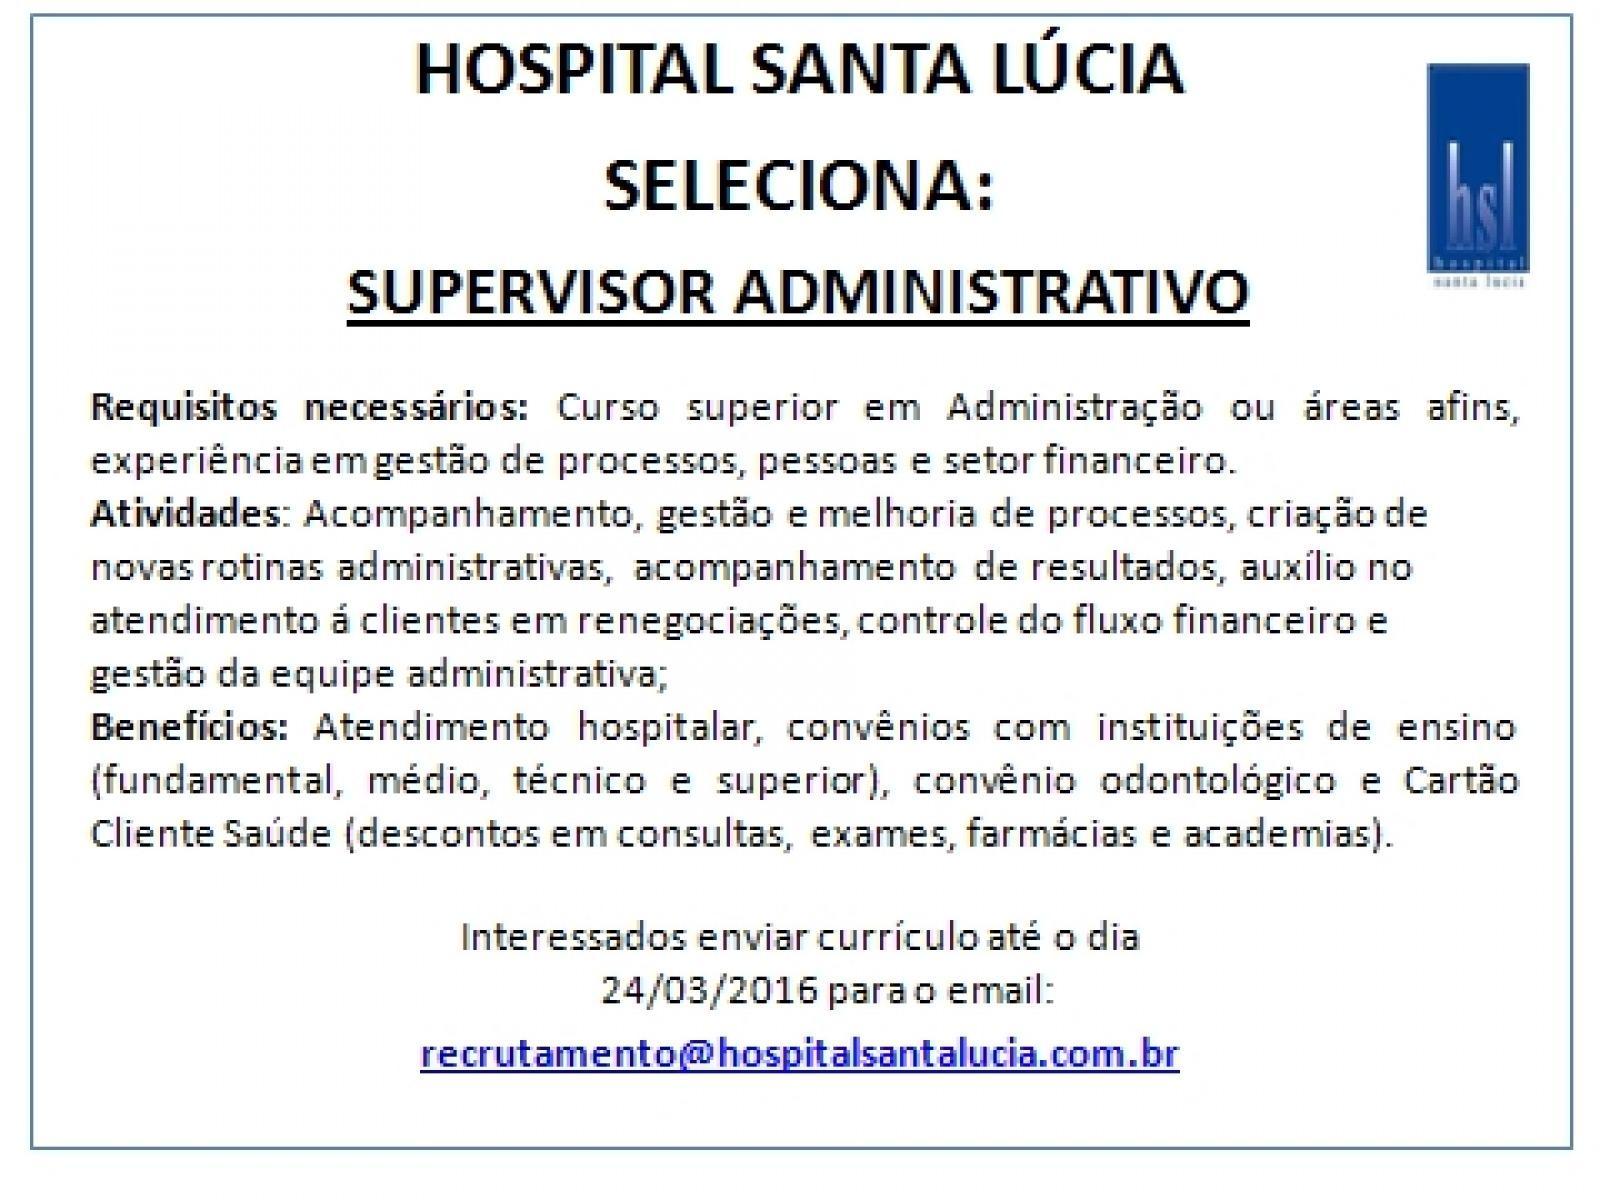 Supervisor Administratico